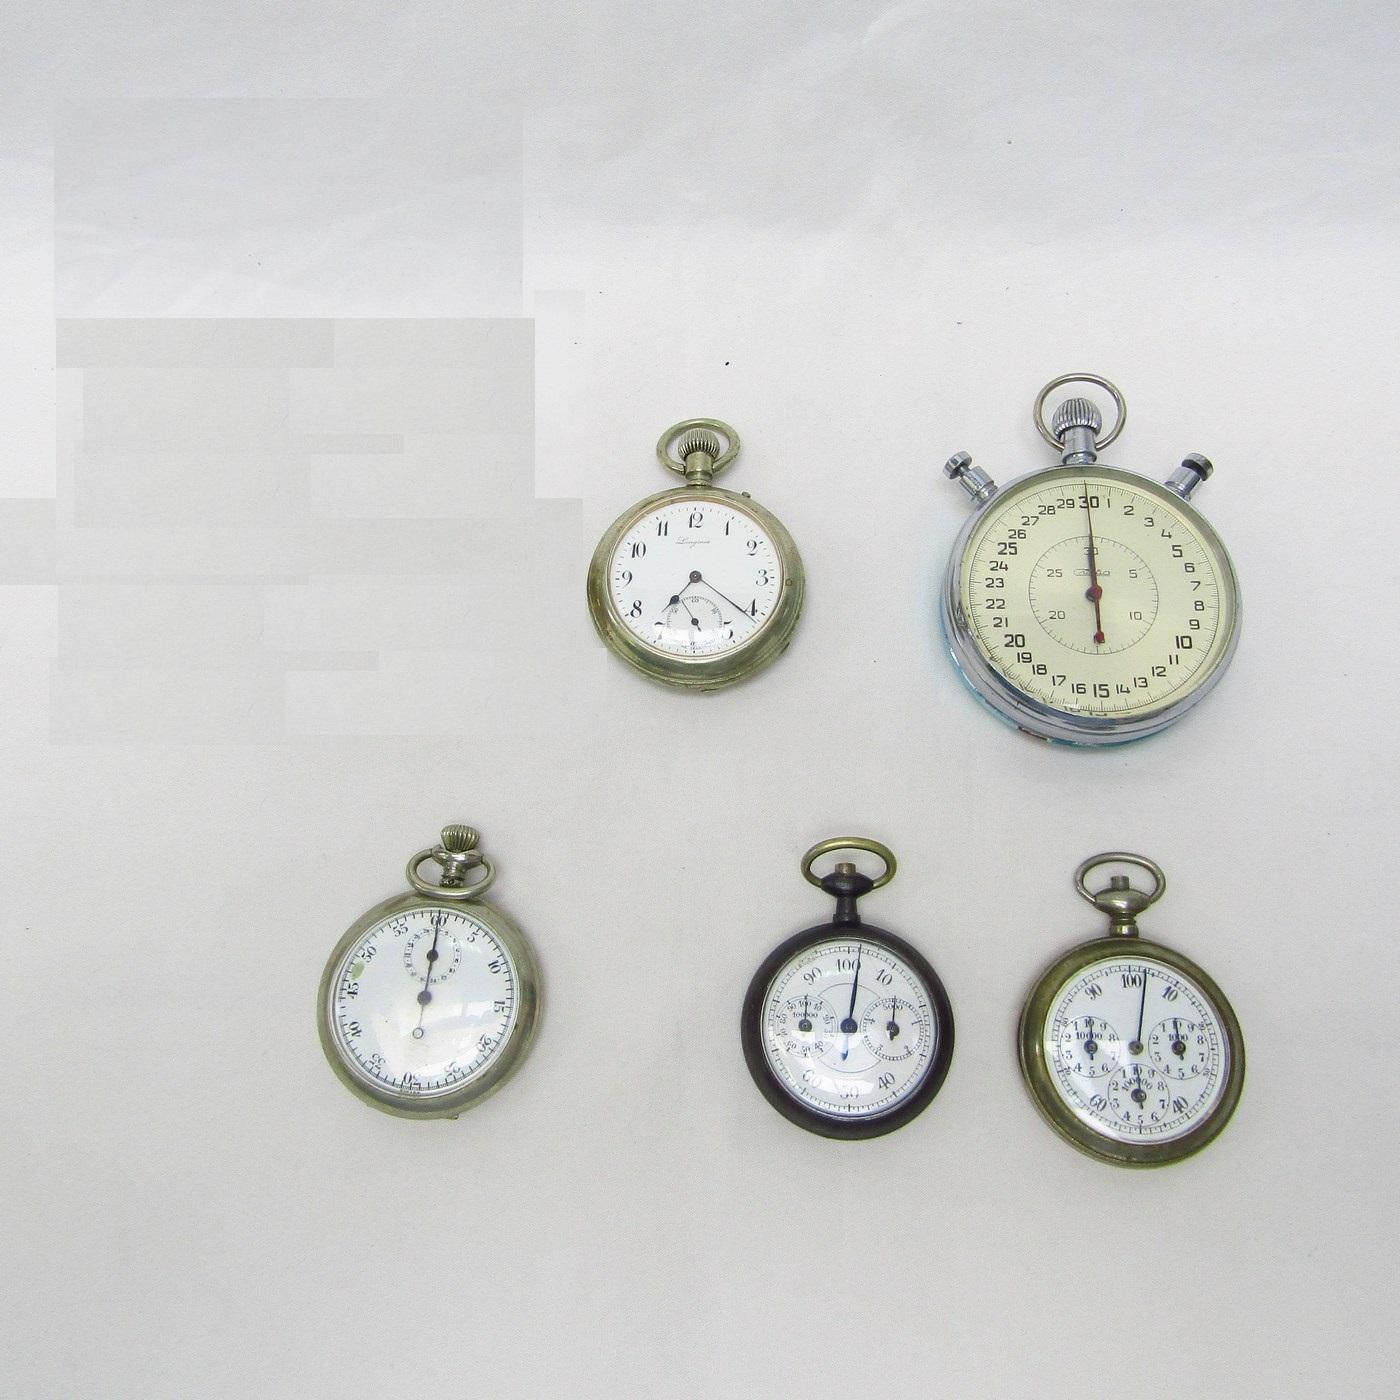 Colección con 1 Reloj, 2 Cronómetros y 2 Podómetros de Bolsillo.